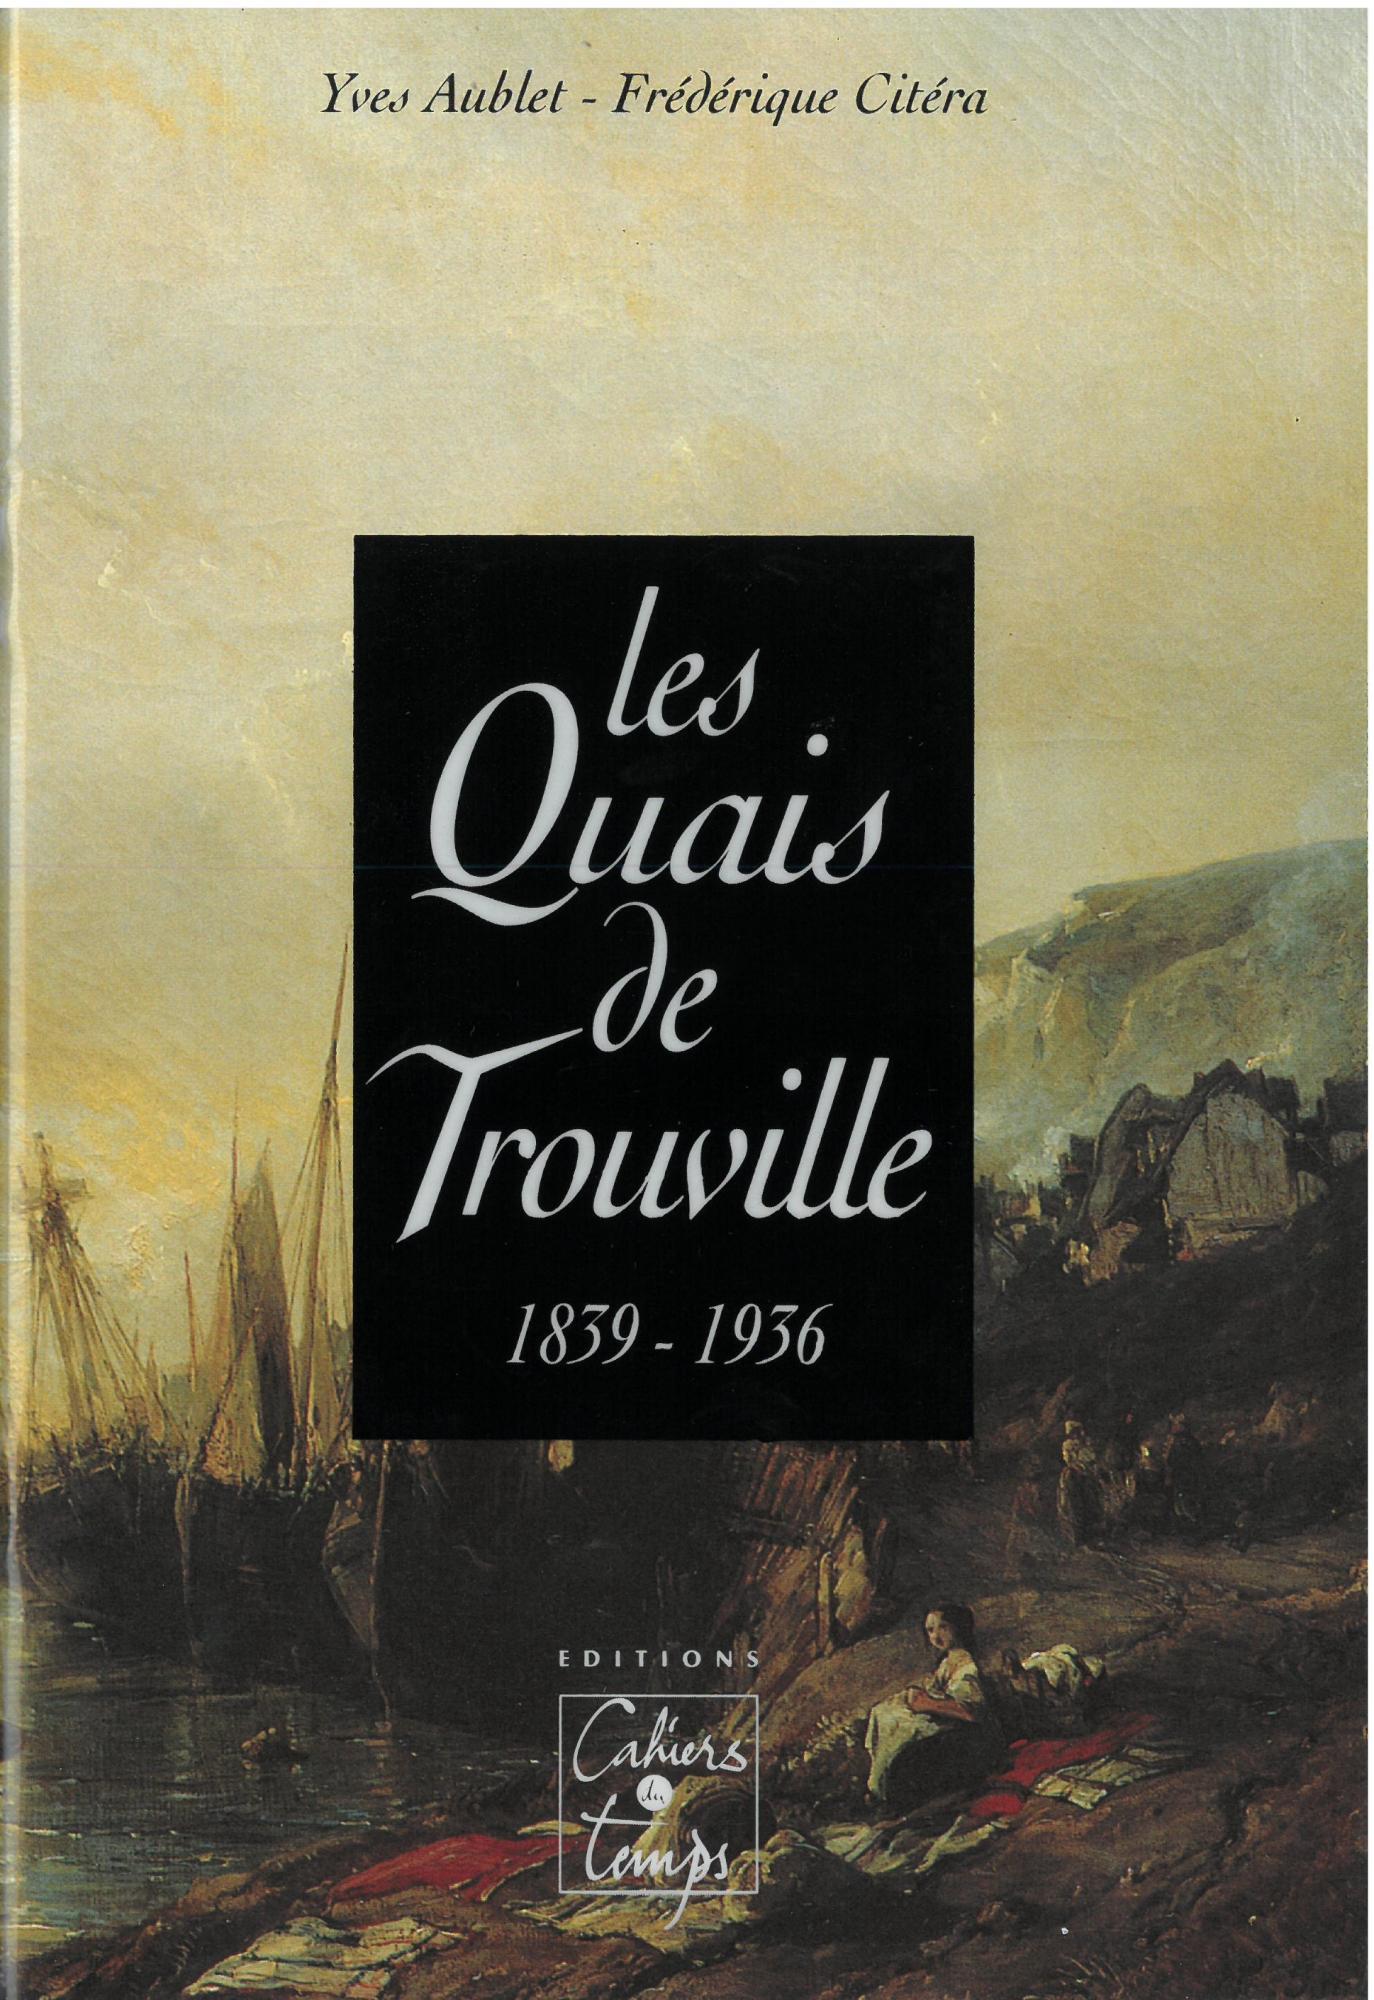 Les quais de Trouville (1839-1936)